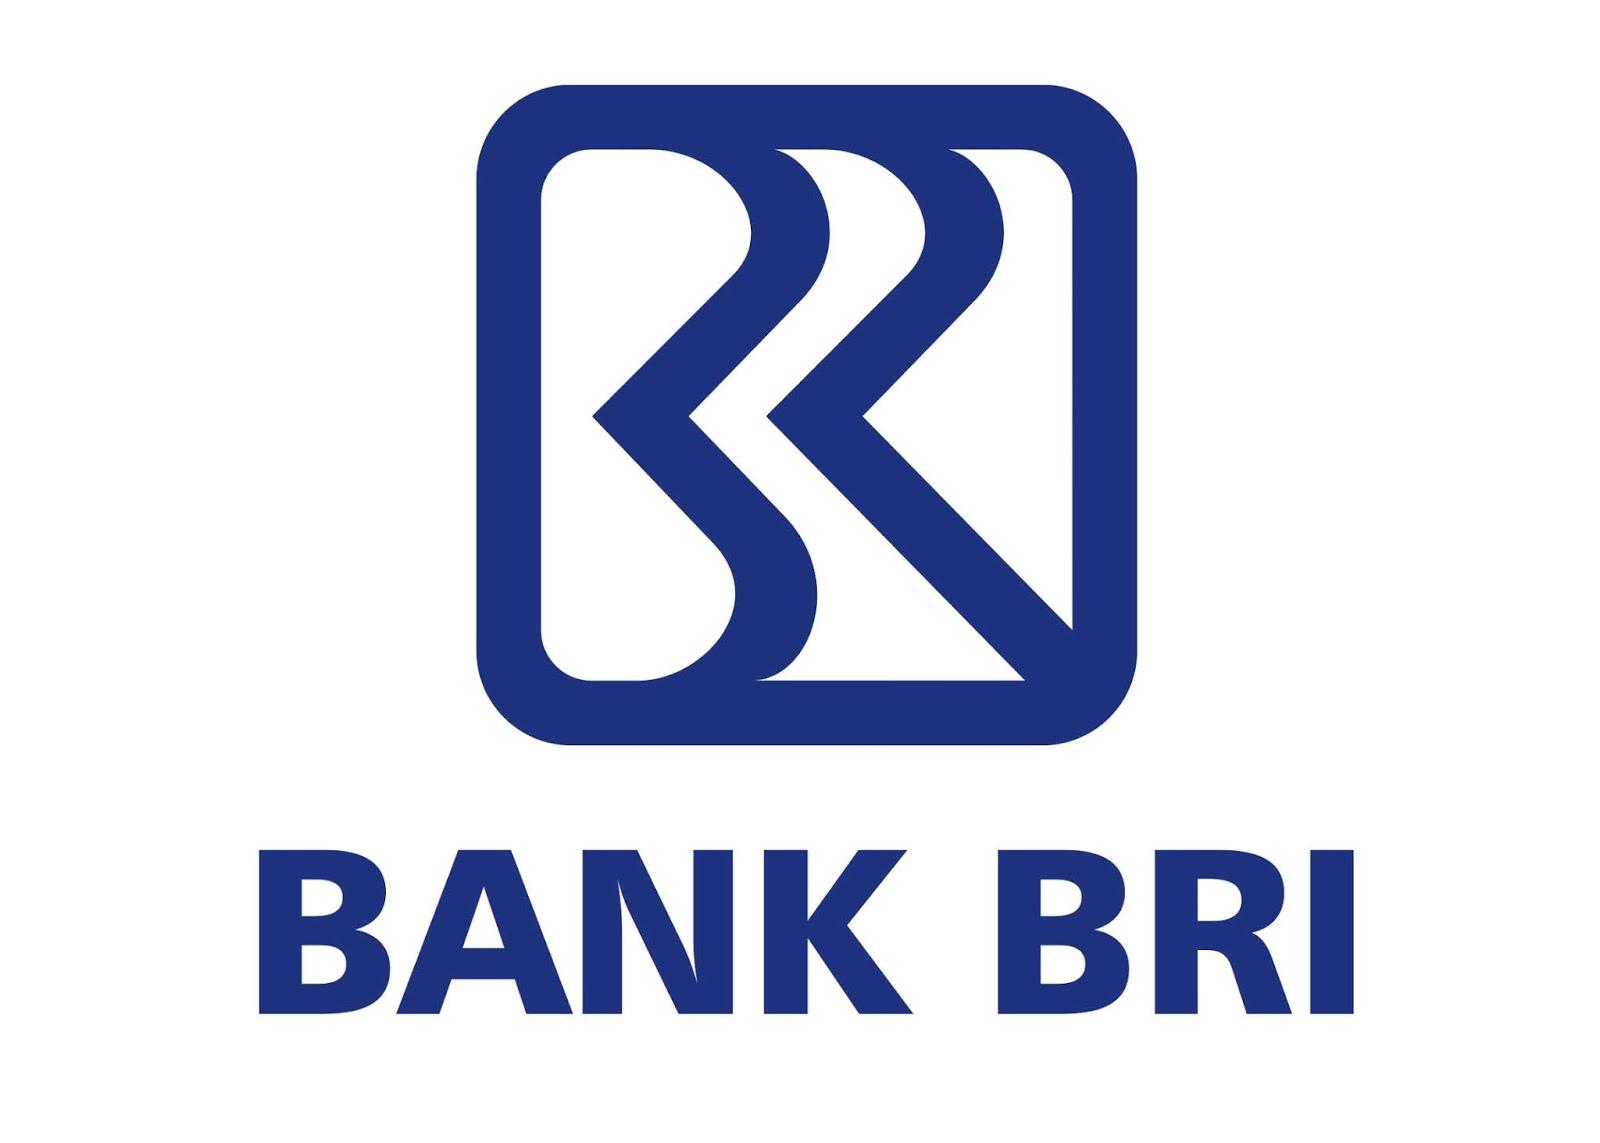 Lowongan Kerja Bank Bri Terbaru Pps It Umum Rekrutmen Dan Lowongan Kerja Bulan Februari 2021